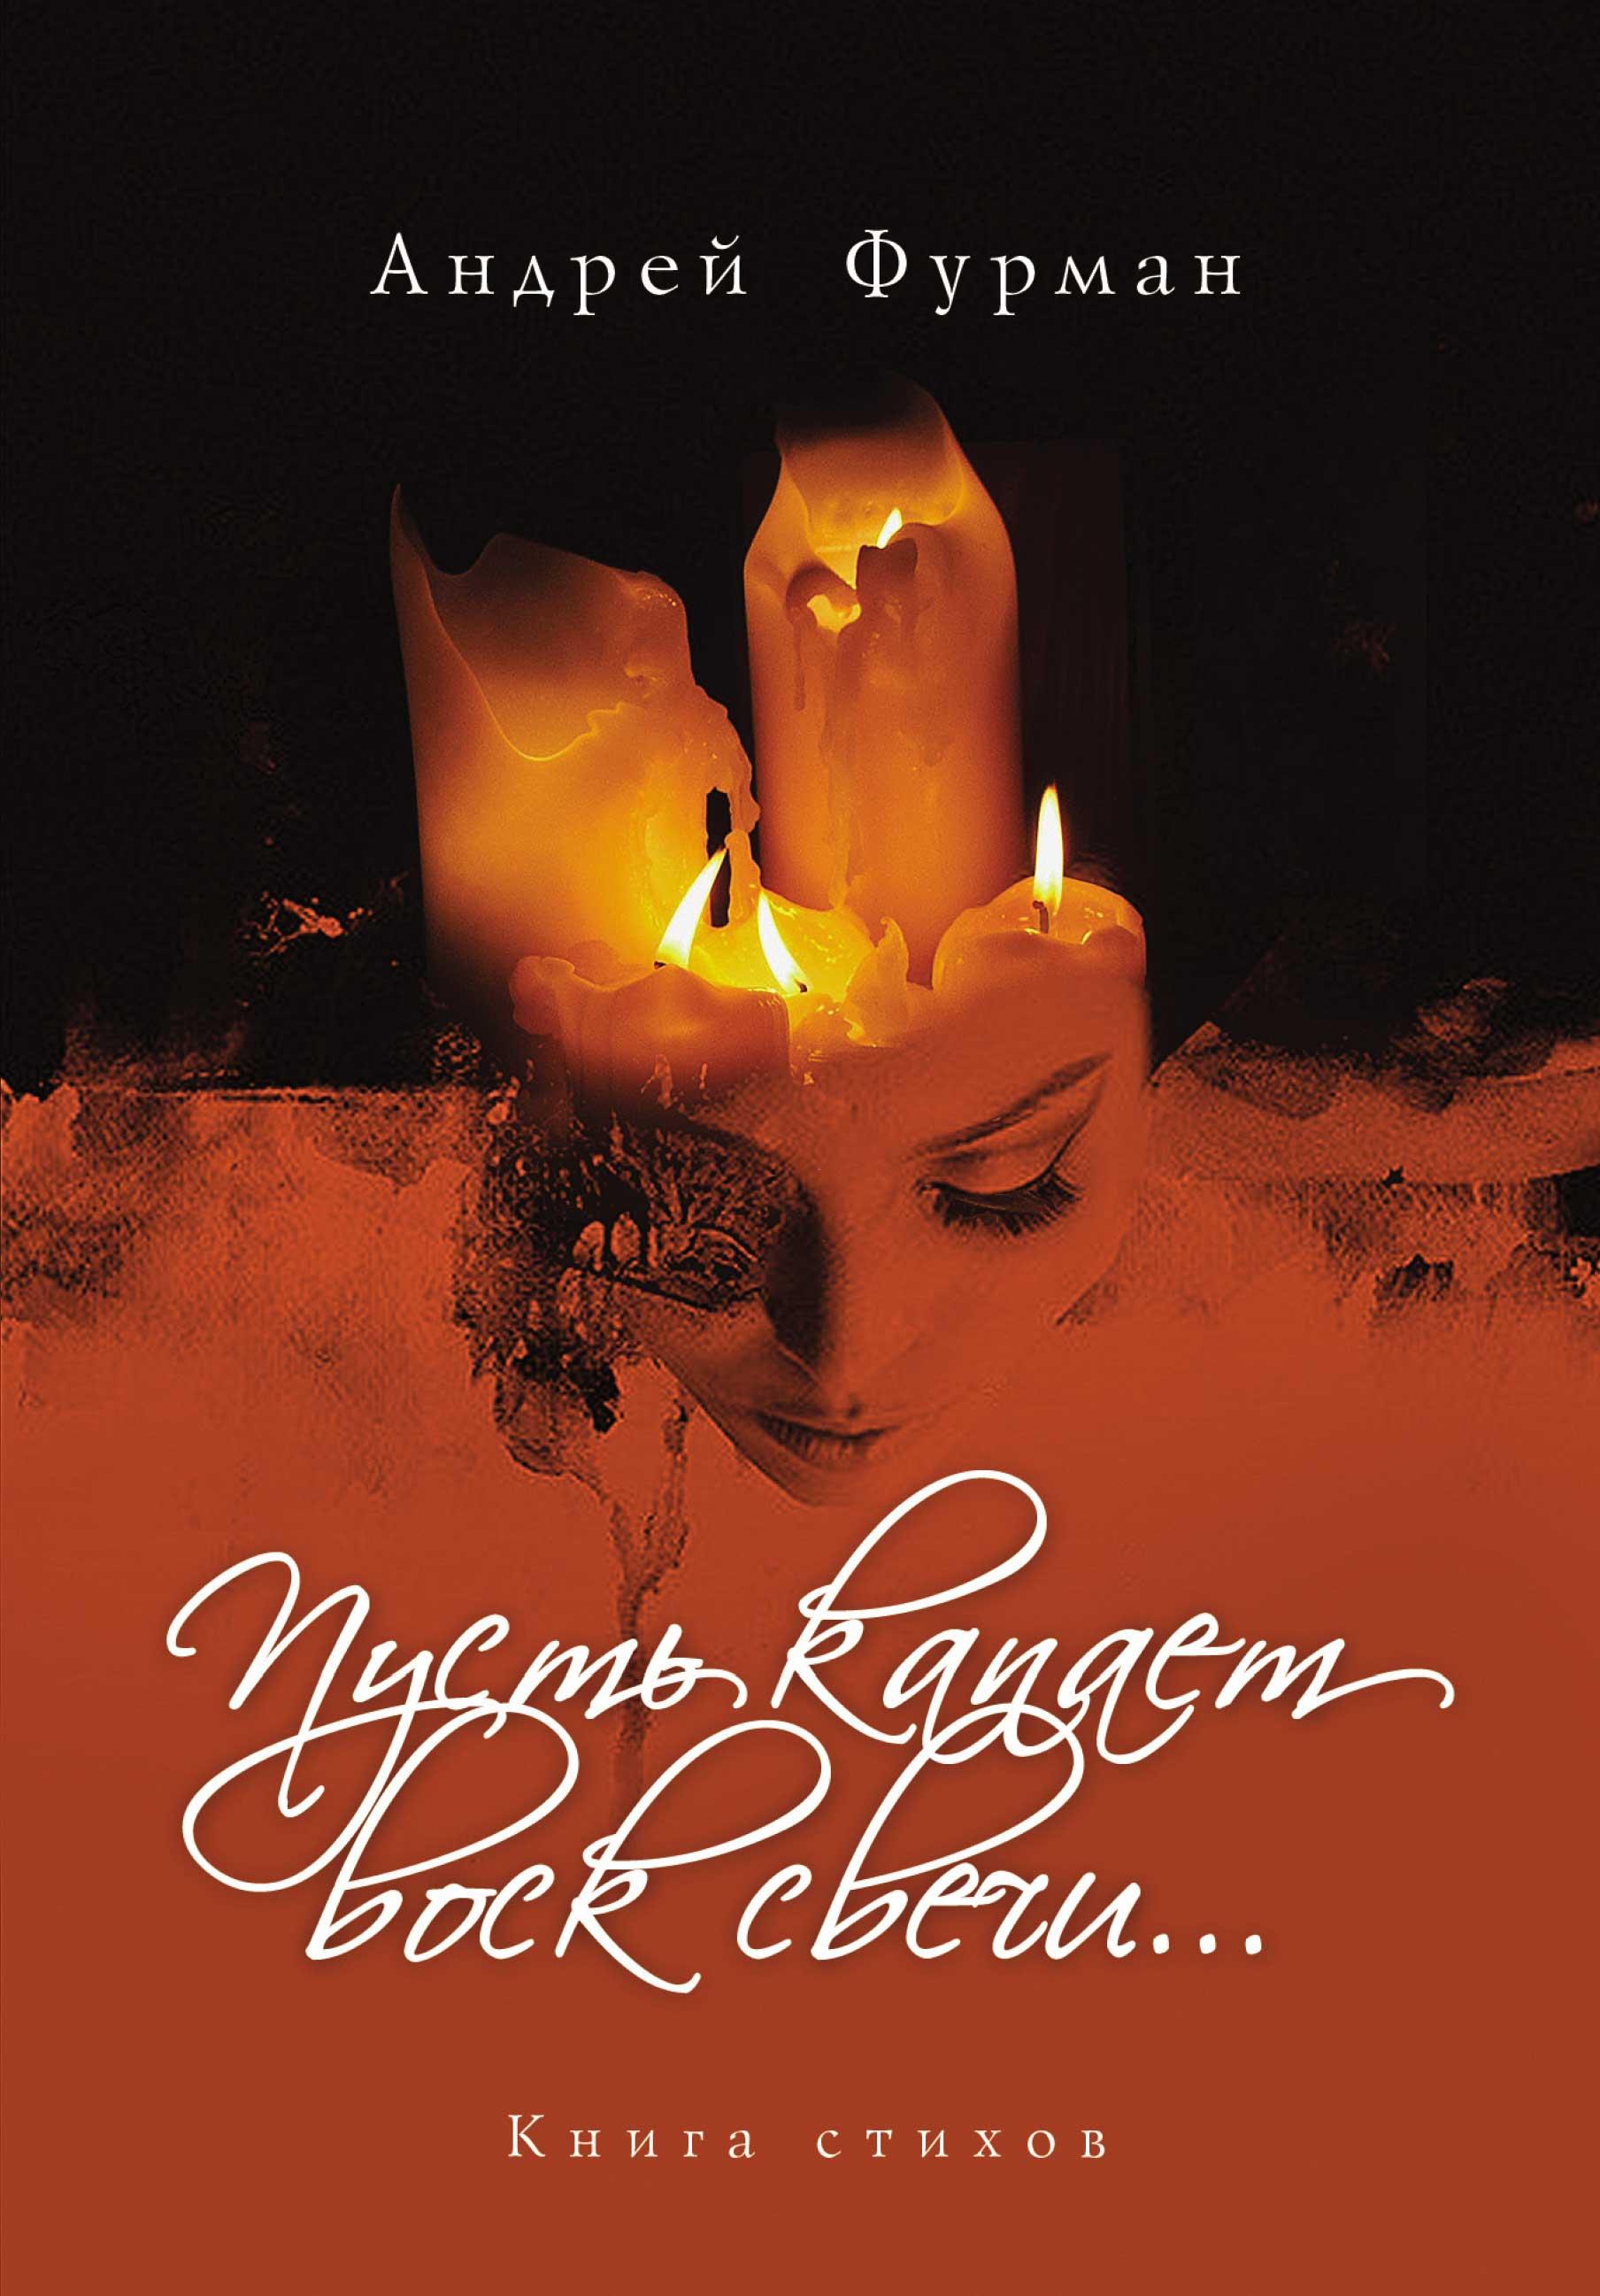 Андрей Фурман Пусть капает воск свечи… Книга стихов